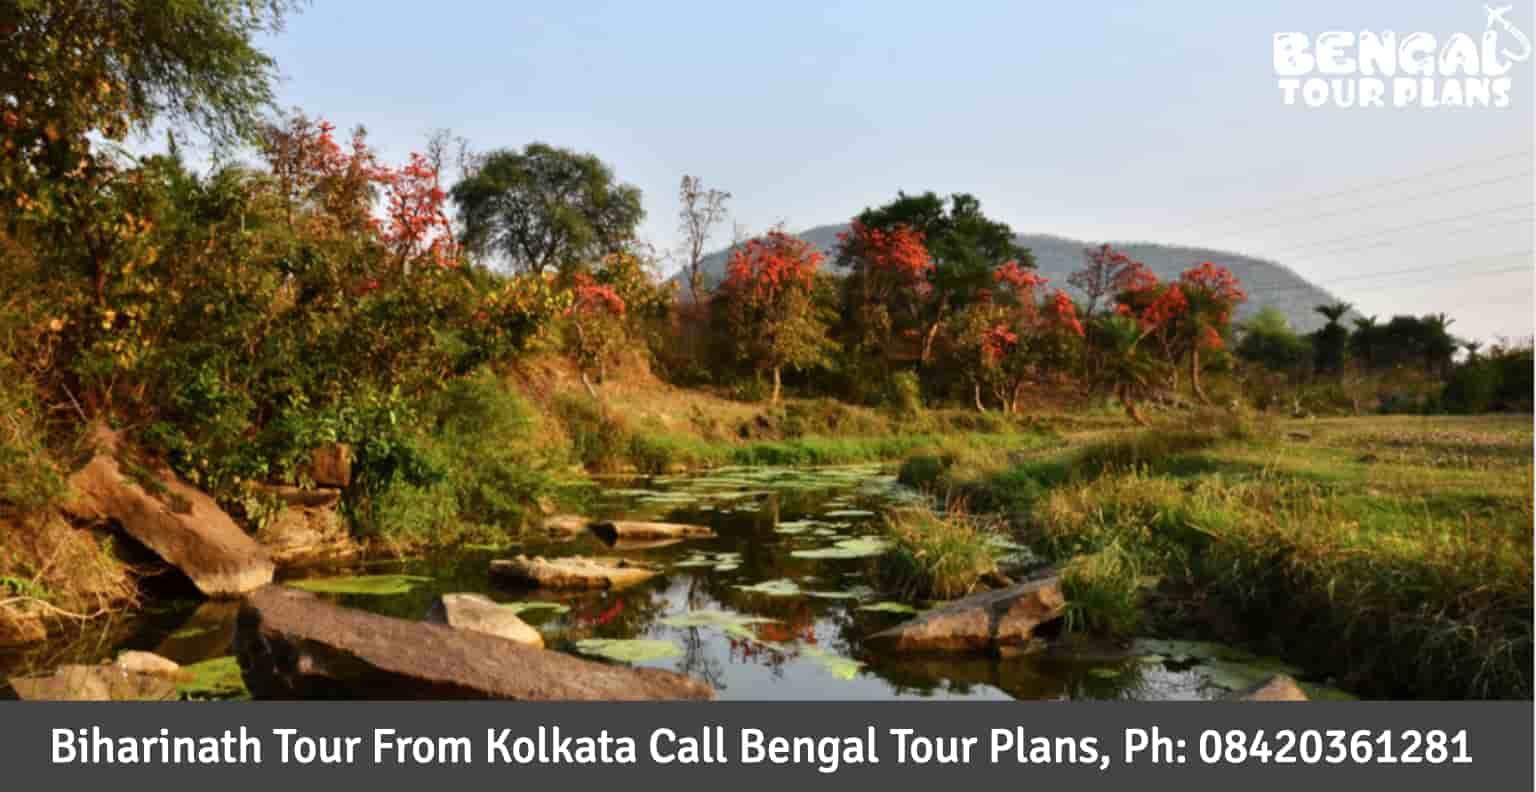 Biharinath Weekend Destination